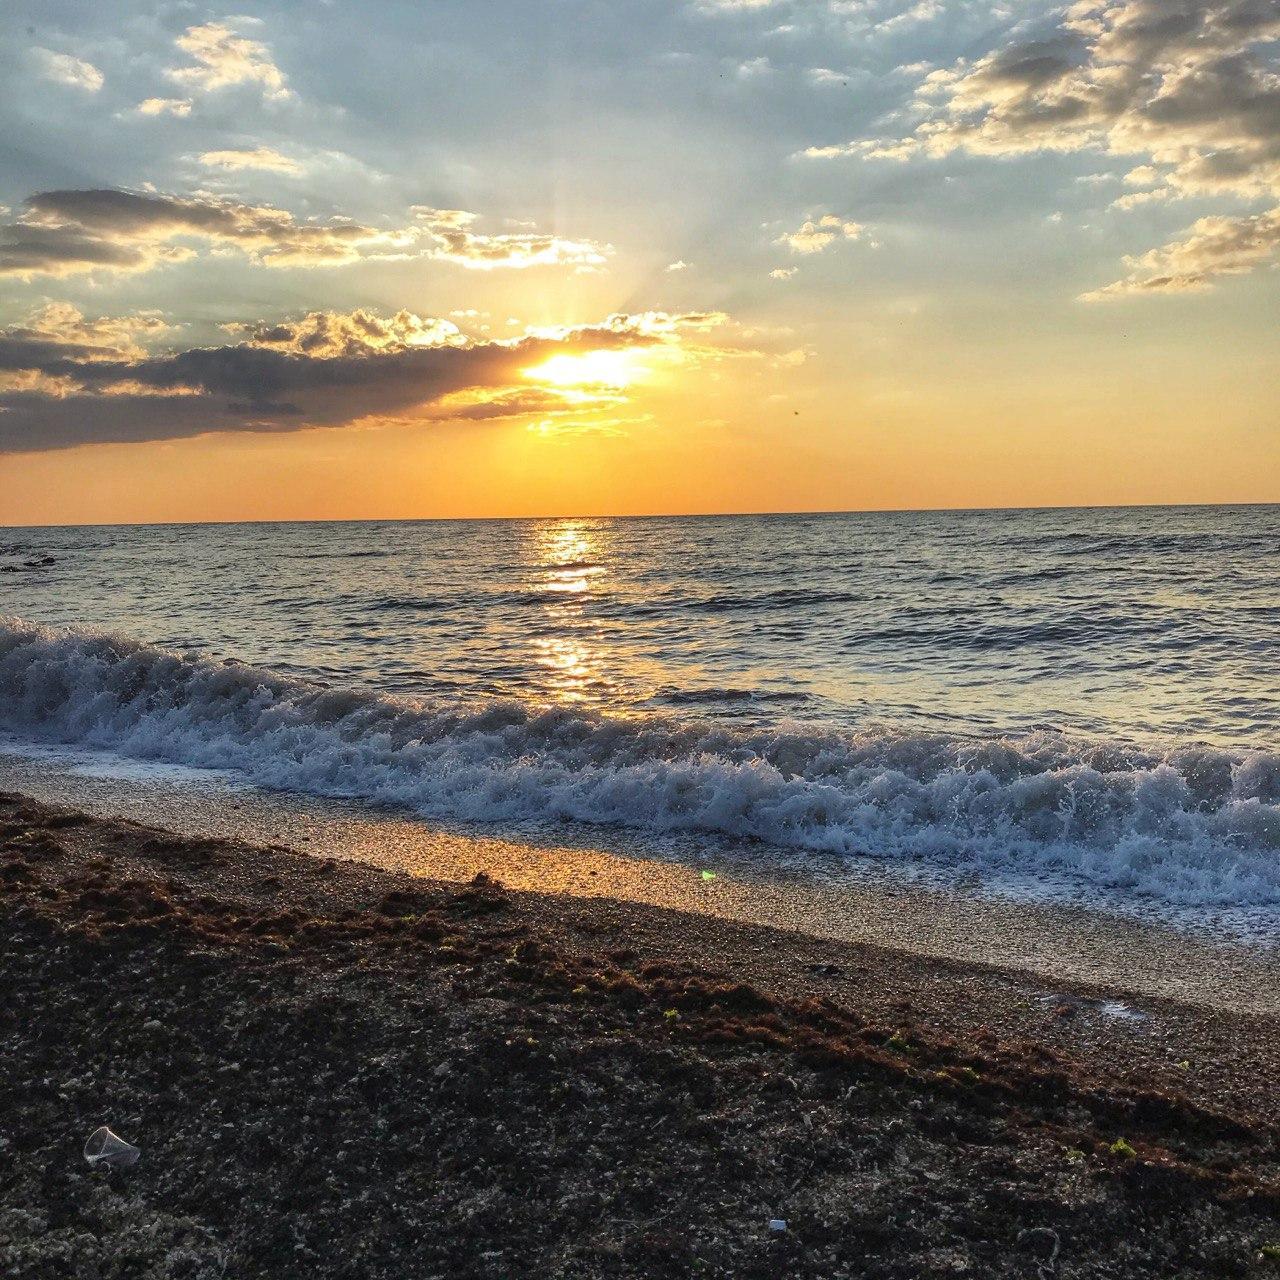 Чудесный закатный вид на пляже в Севастополе